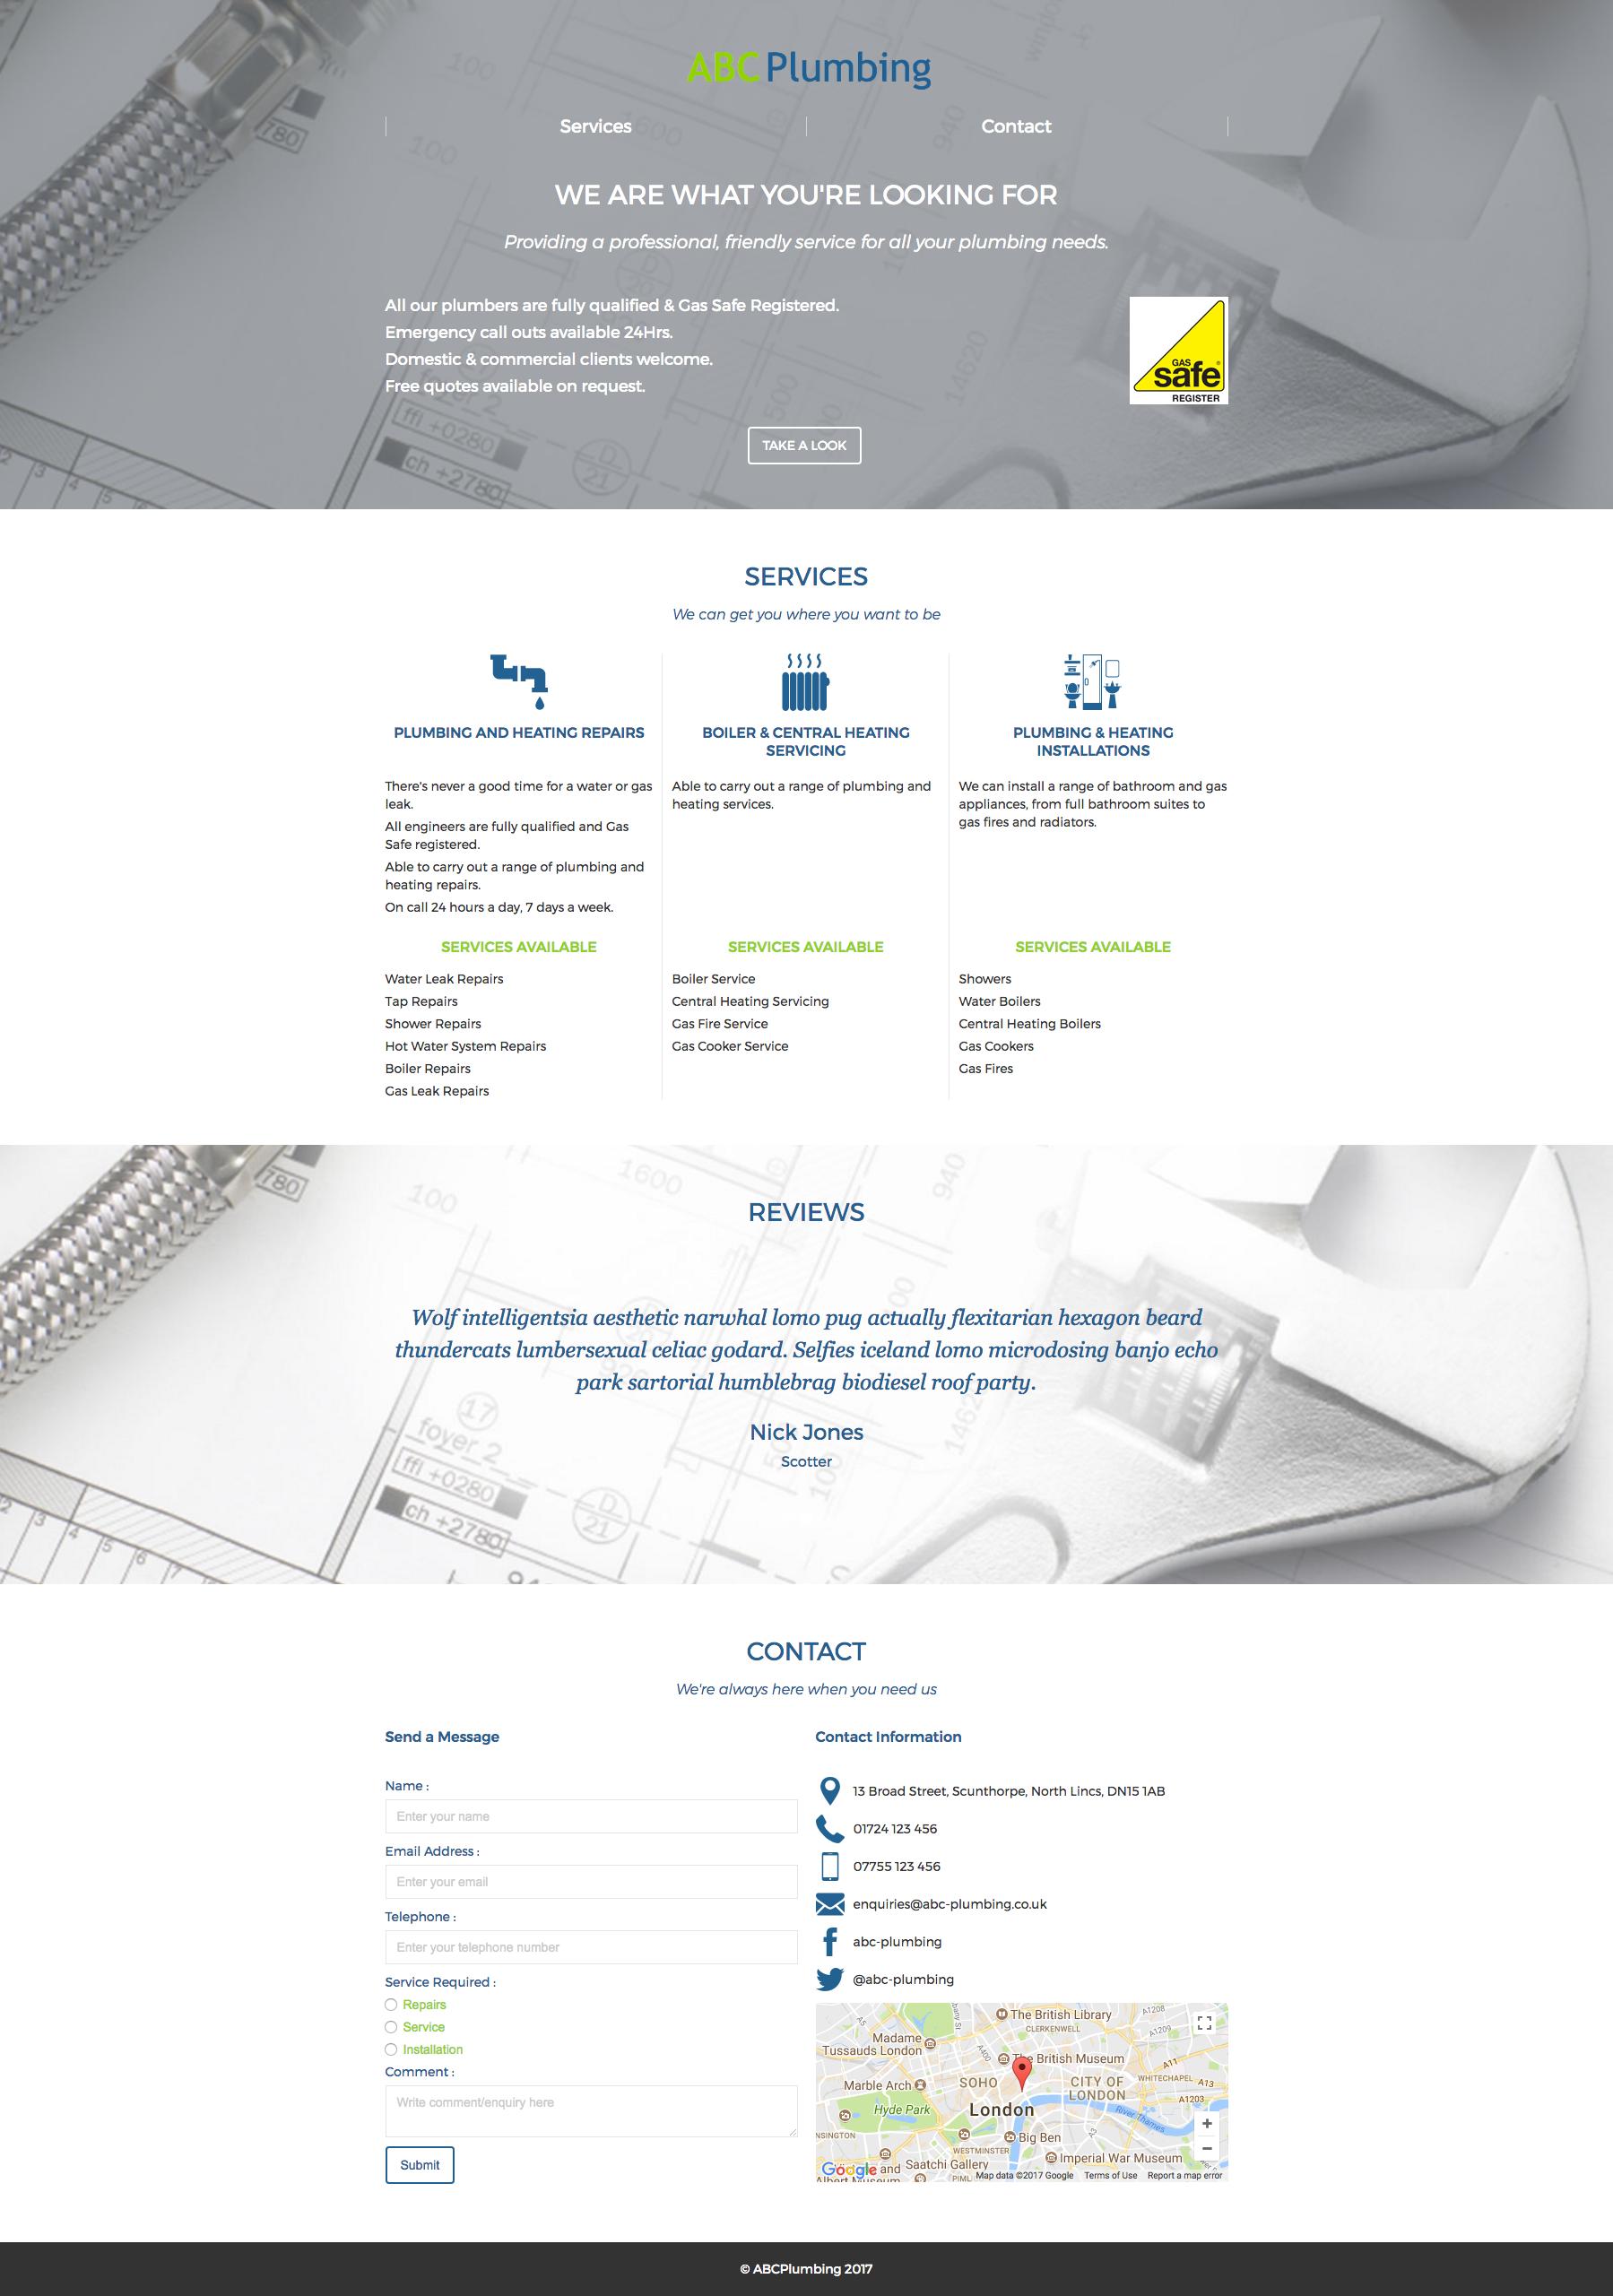 ABC Plumbing - WebFlow version